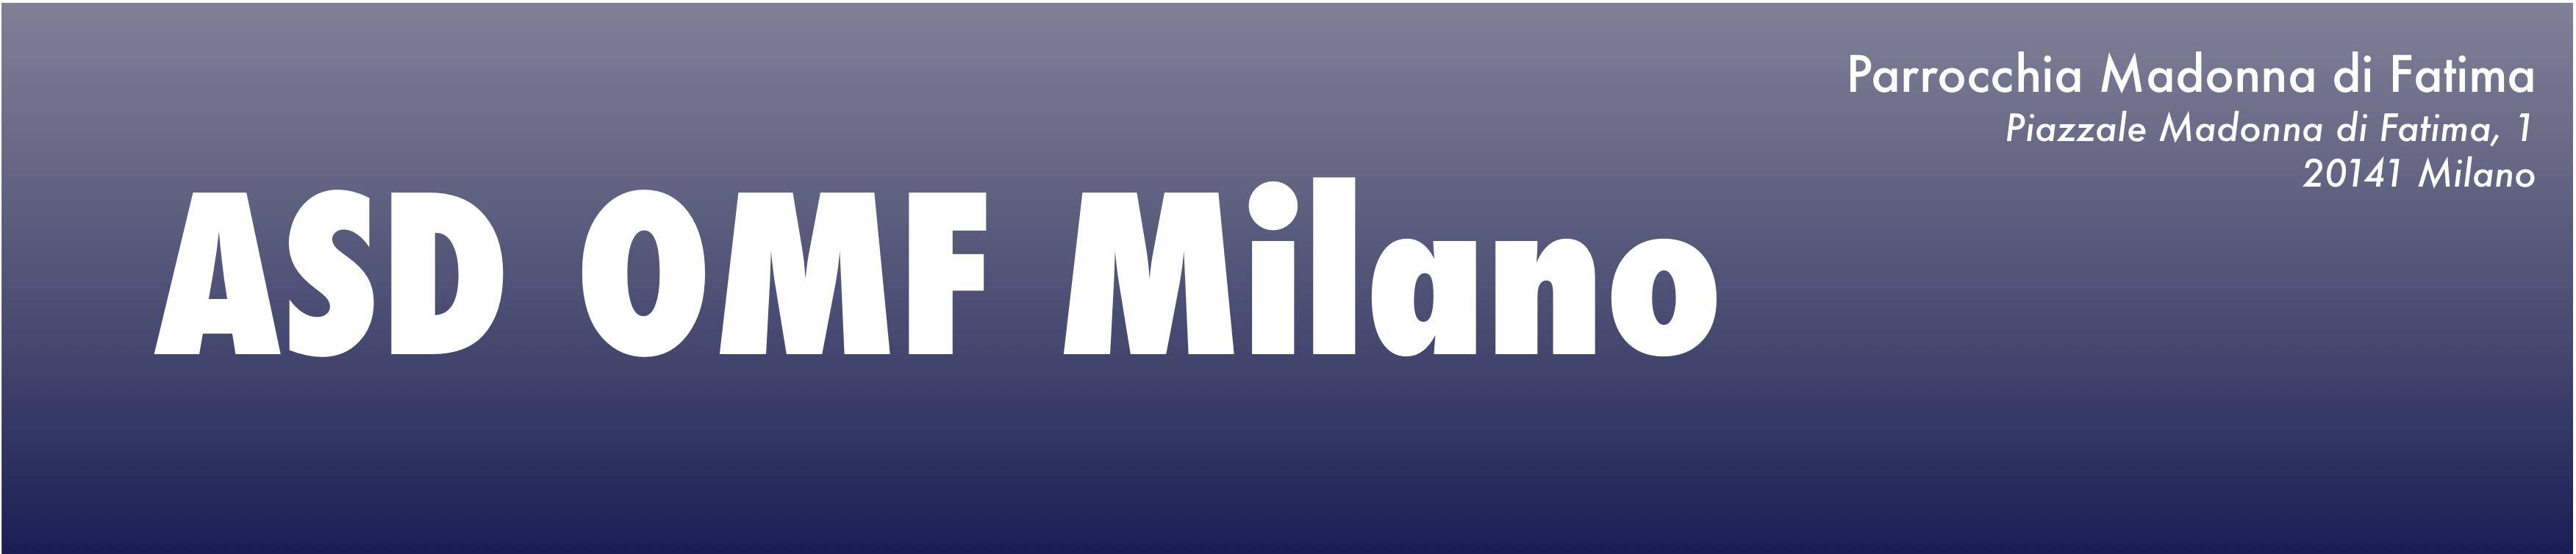 OMFMilano_newsletter_logo